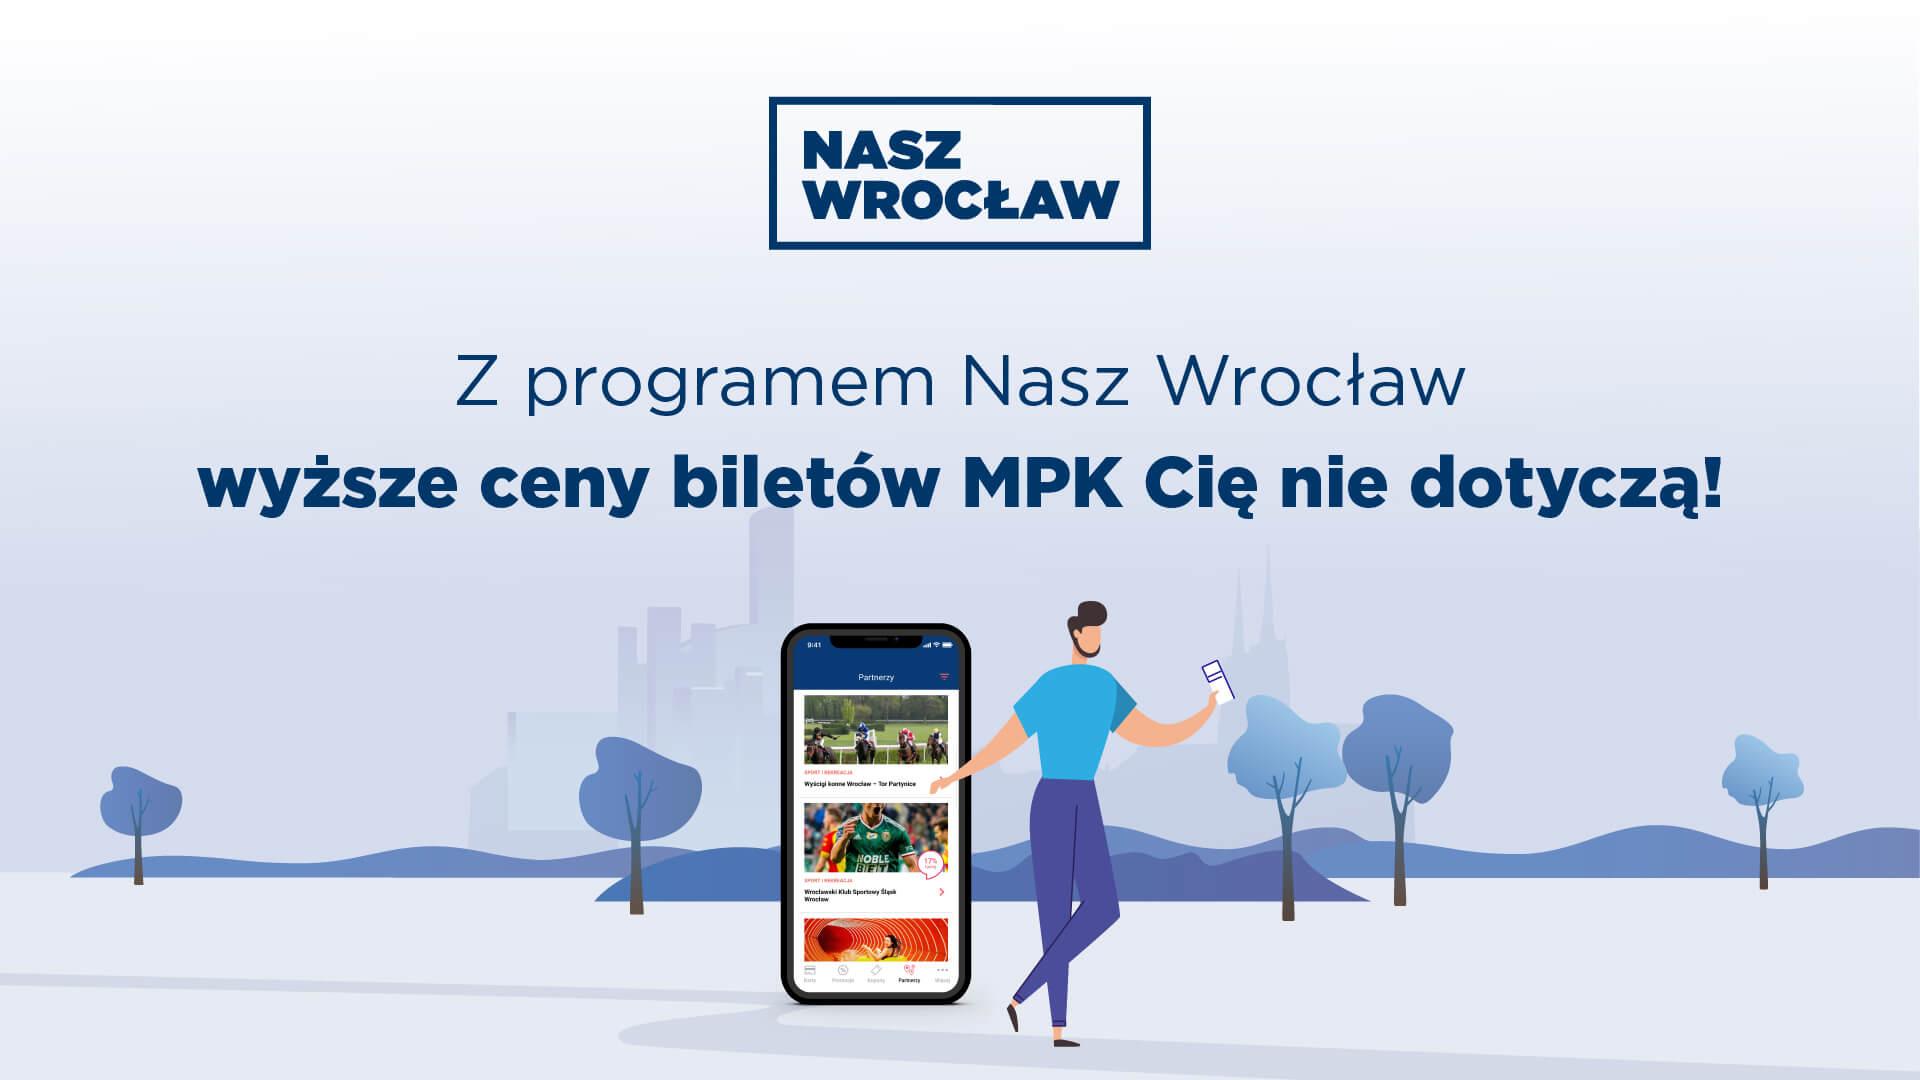 Z programem Nasz Wrocław wyższe ceny biletów MPK Cię niedotyczą